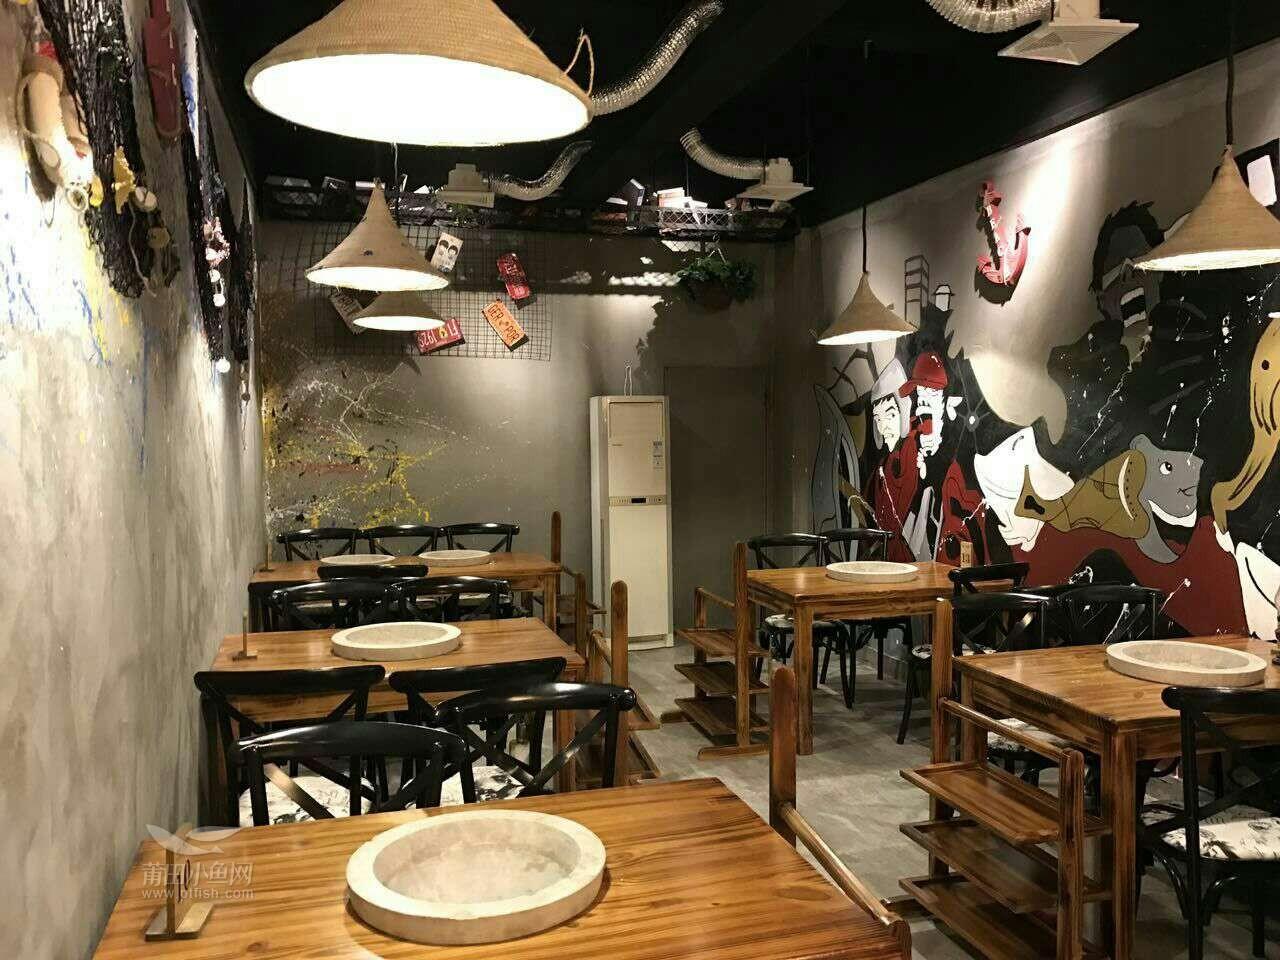 还有,工业风装修加上画风各异的墙绘,给人感觉似咖啡馆又似时尚酒吧